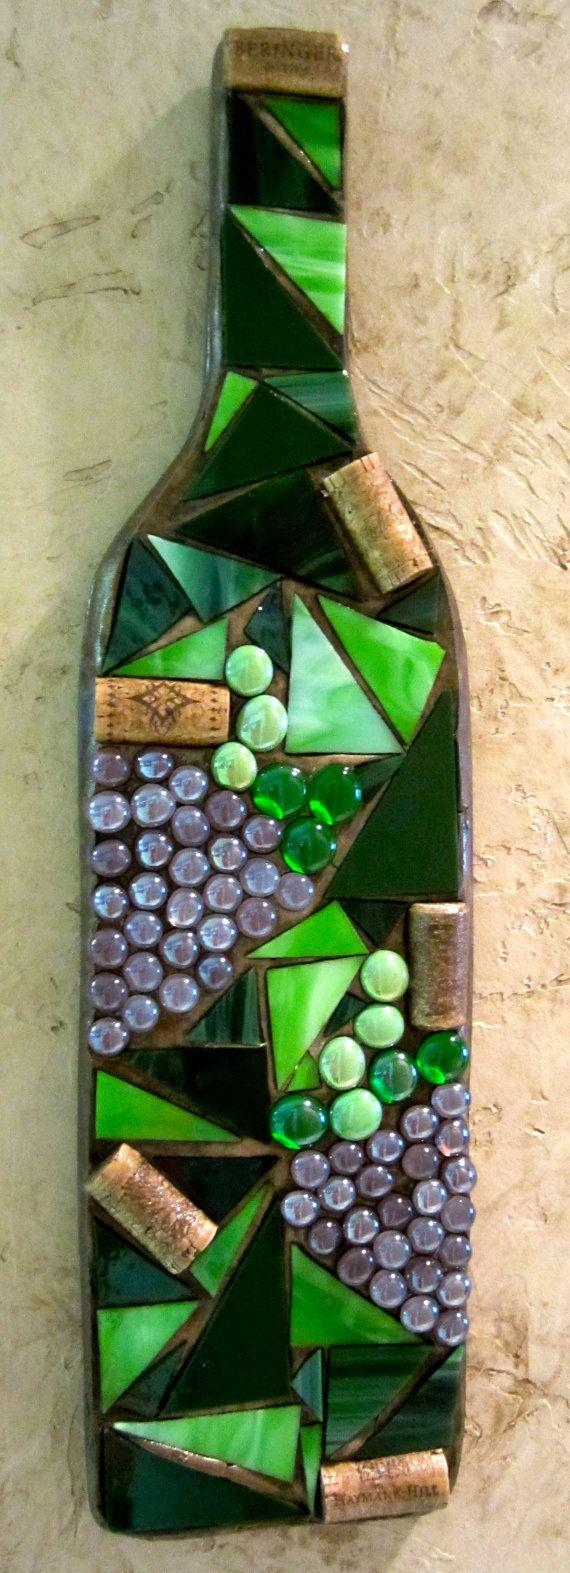 Hangings de la pared de mosaico botella de vino                                                                                                                                                      Más